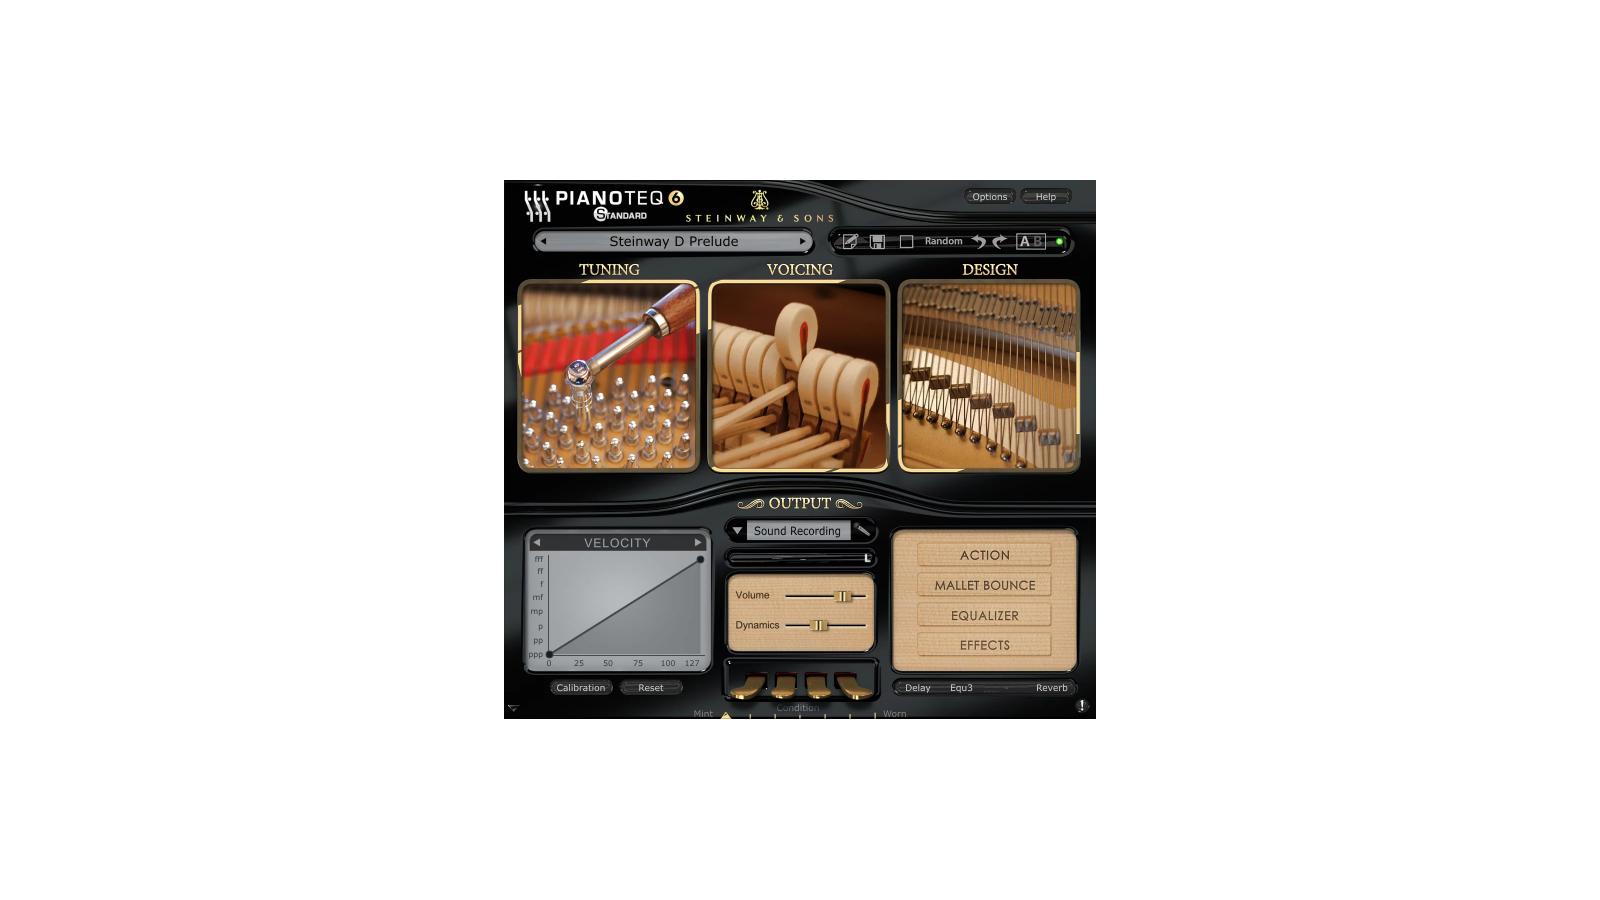 pianoteq_standard_ui_w1600